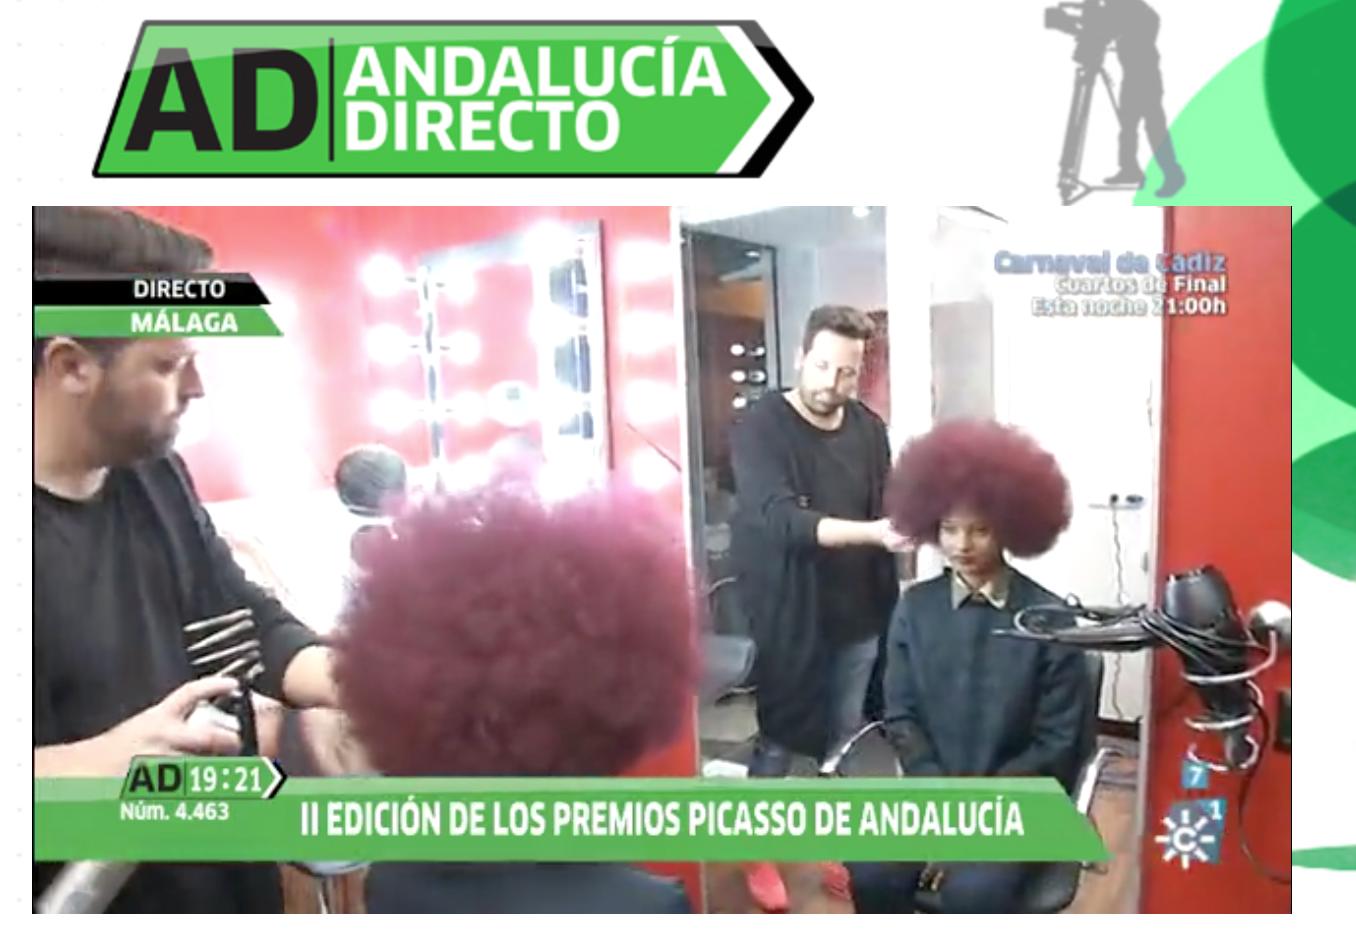 Andalucía Directo. Rafael Bueno